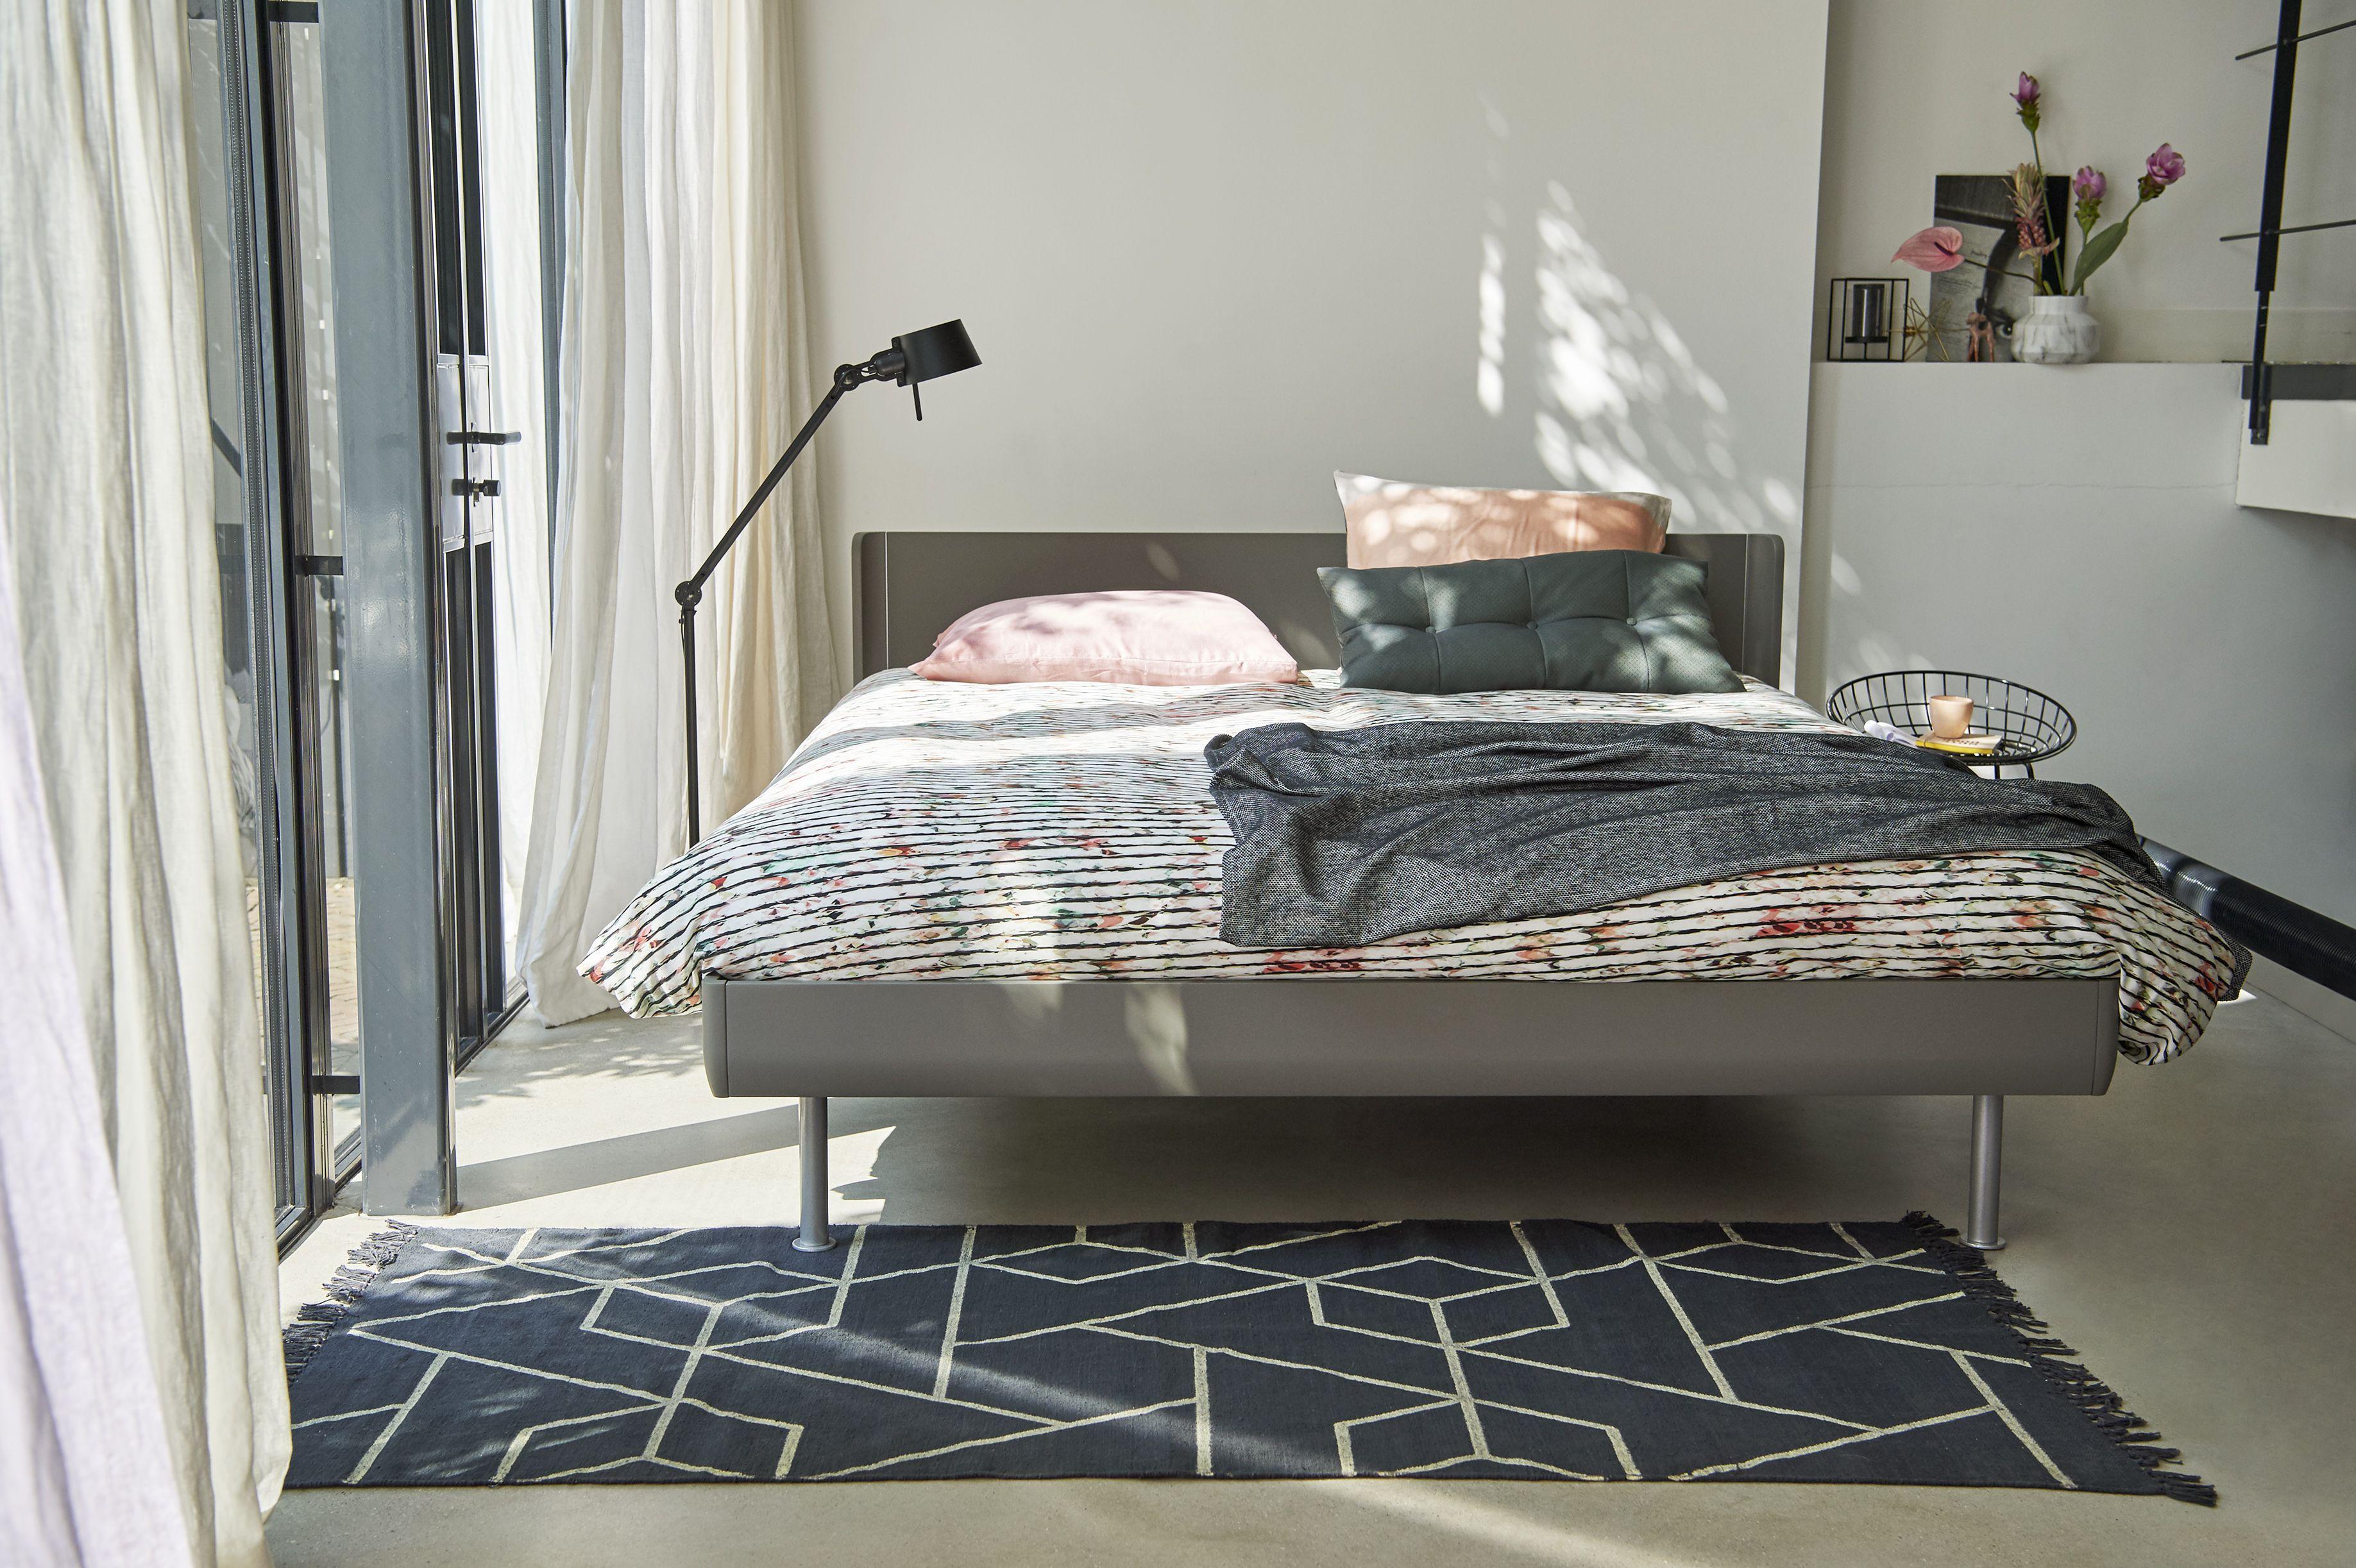 Auping Match#kleur warm grey #meerlo interieur   De Slaapkamer ...